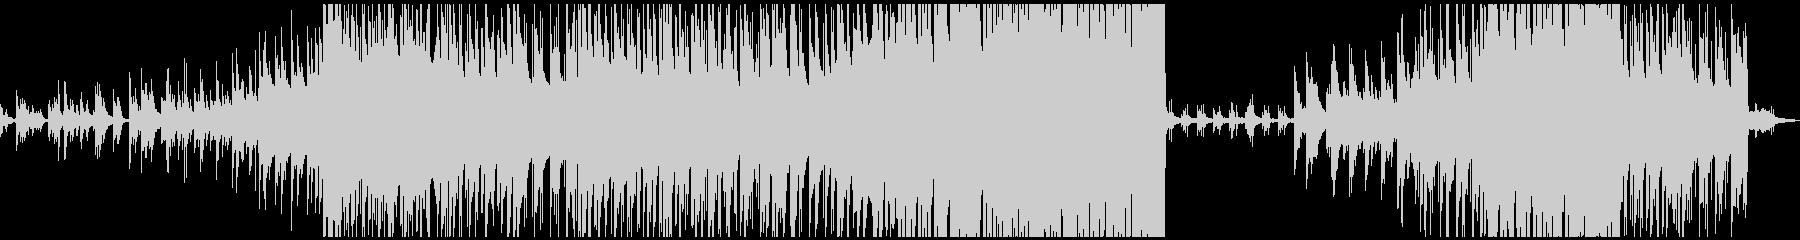 感動的なピアノメイン曲の未再生の波形